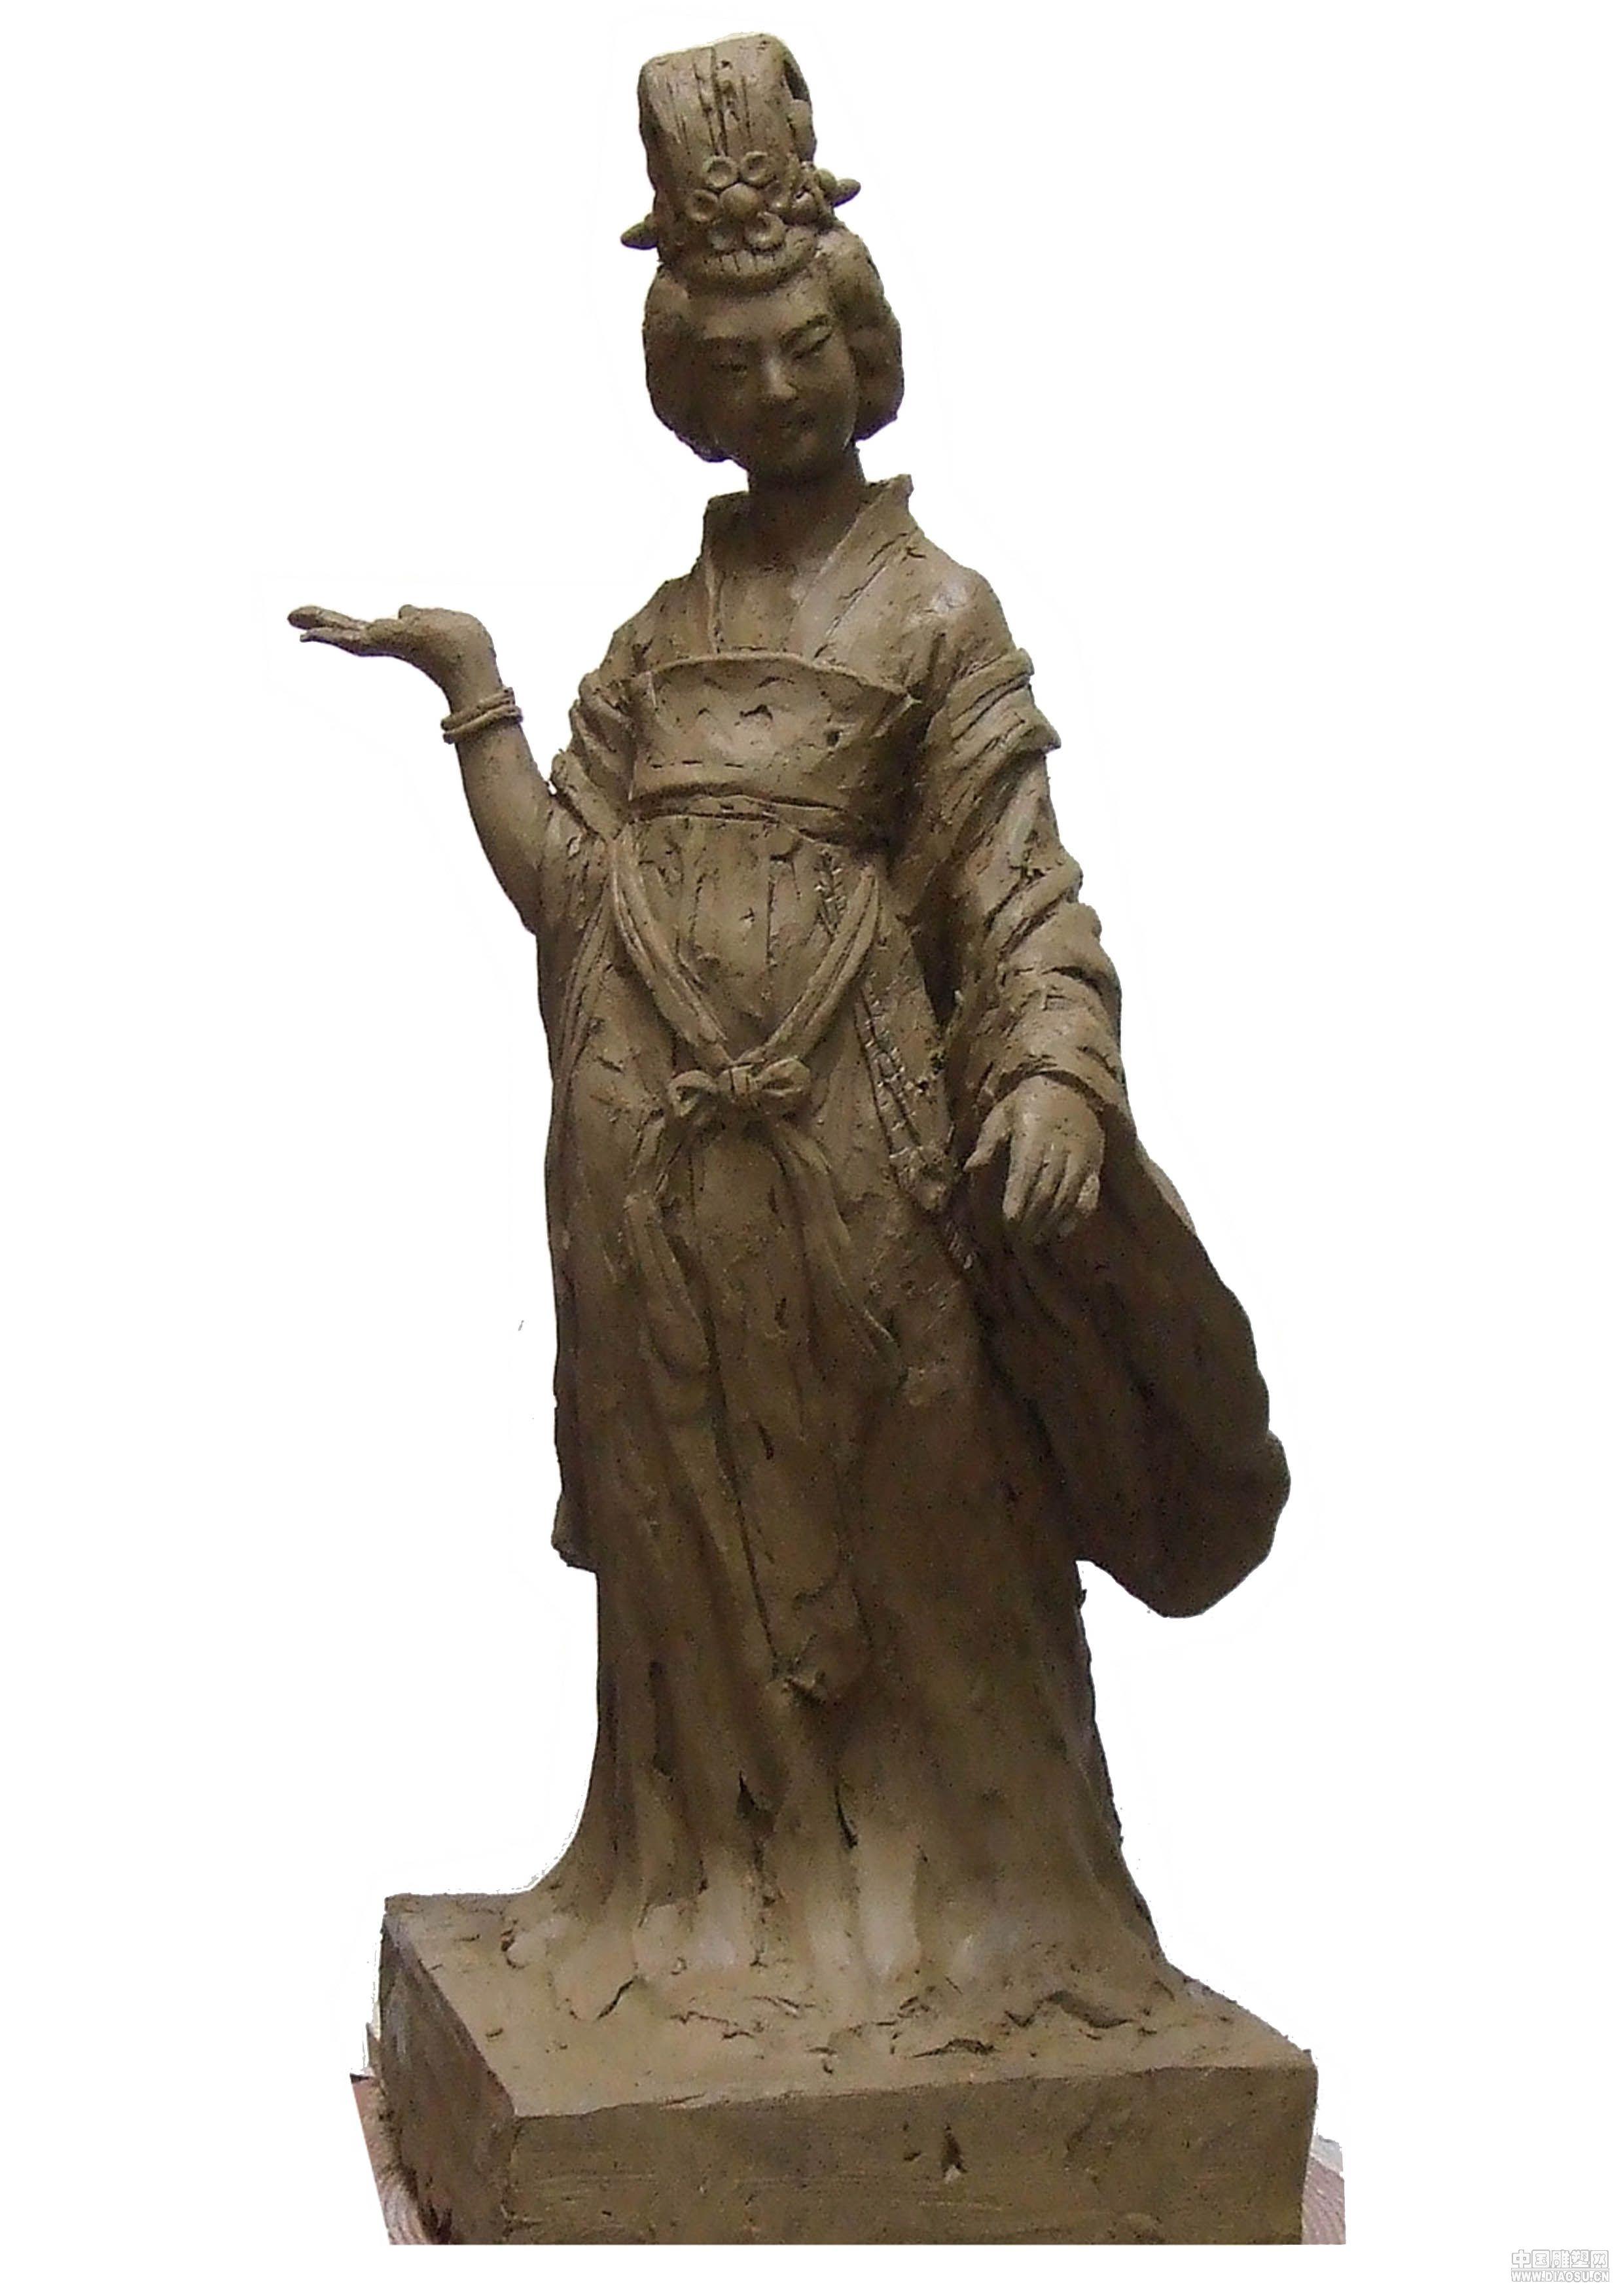 泥雕塑    6 - h_x_y_123456 - 何晓昱的文化艺术博客